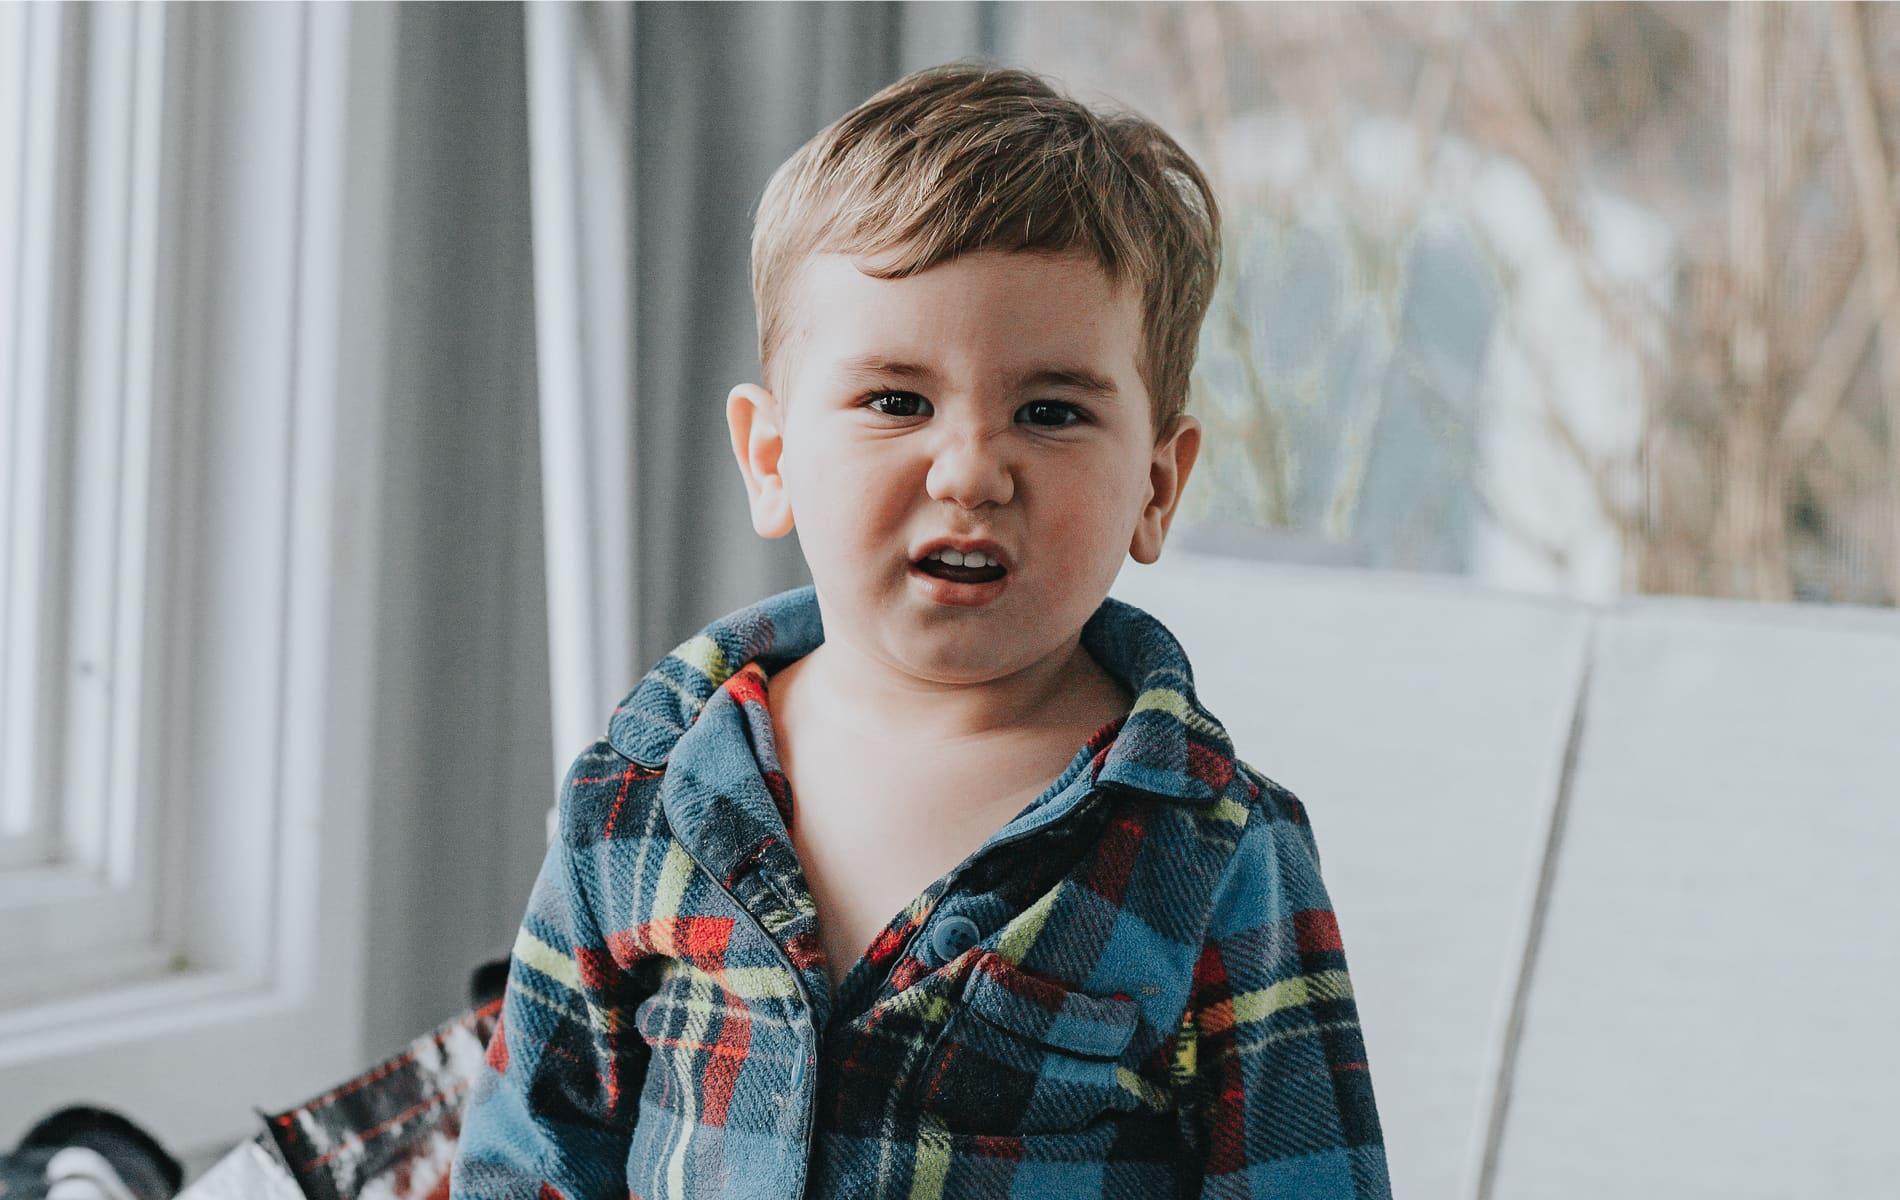 Kleiner Junge schaut mit gerümpfter Nase in die Kamera